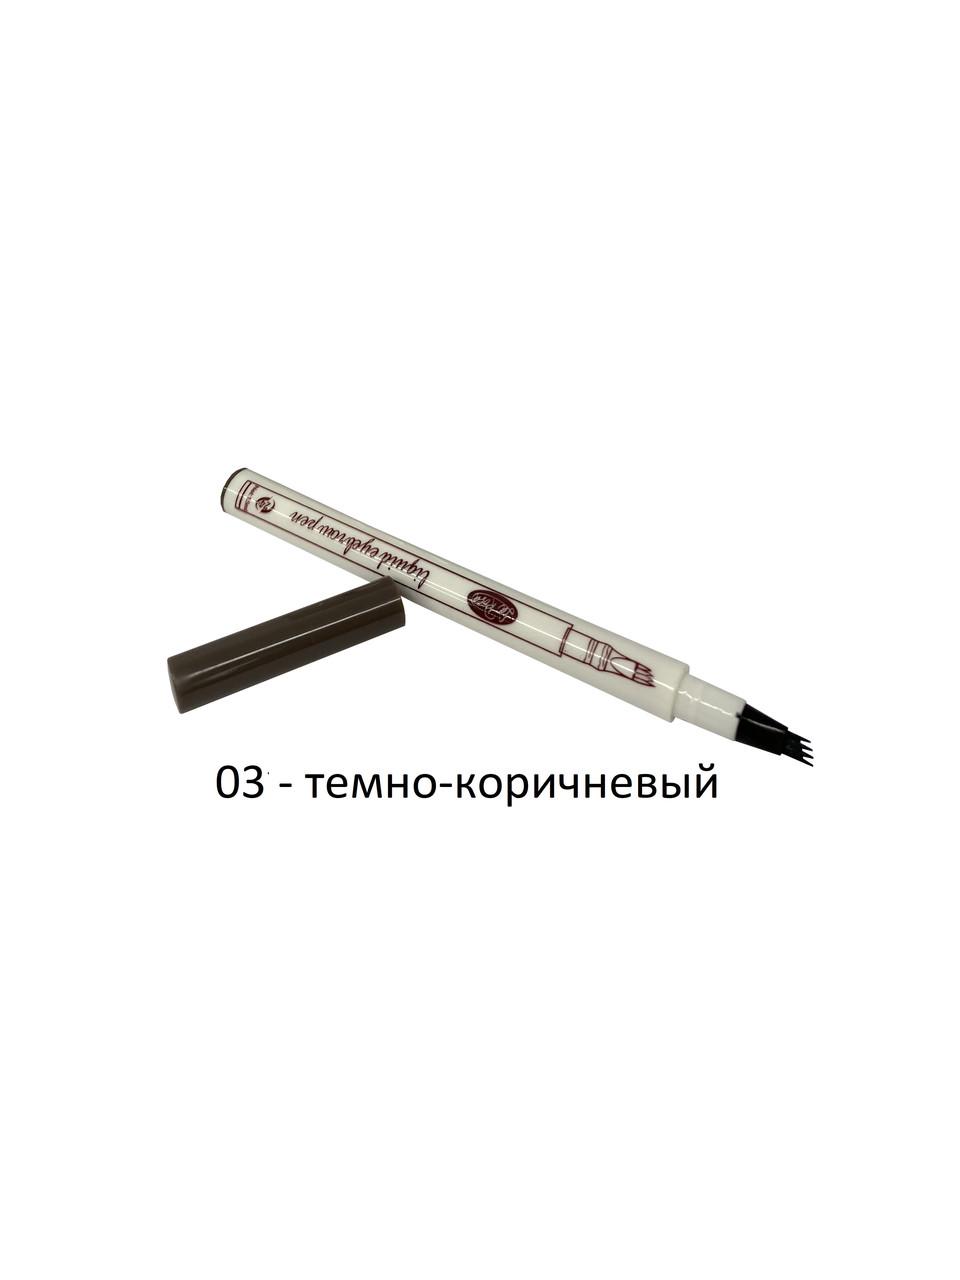 Подводка-маркер для бровей, темно-коричневый La Rosa ELP325 №3